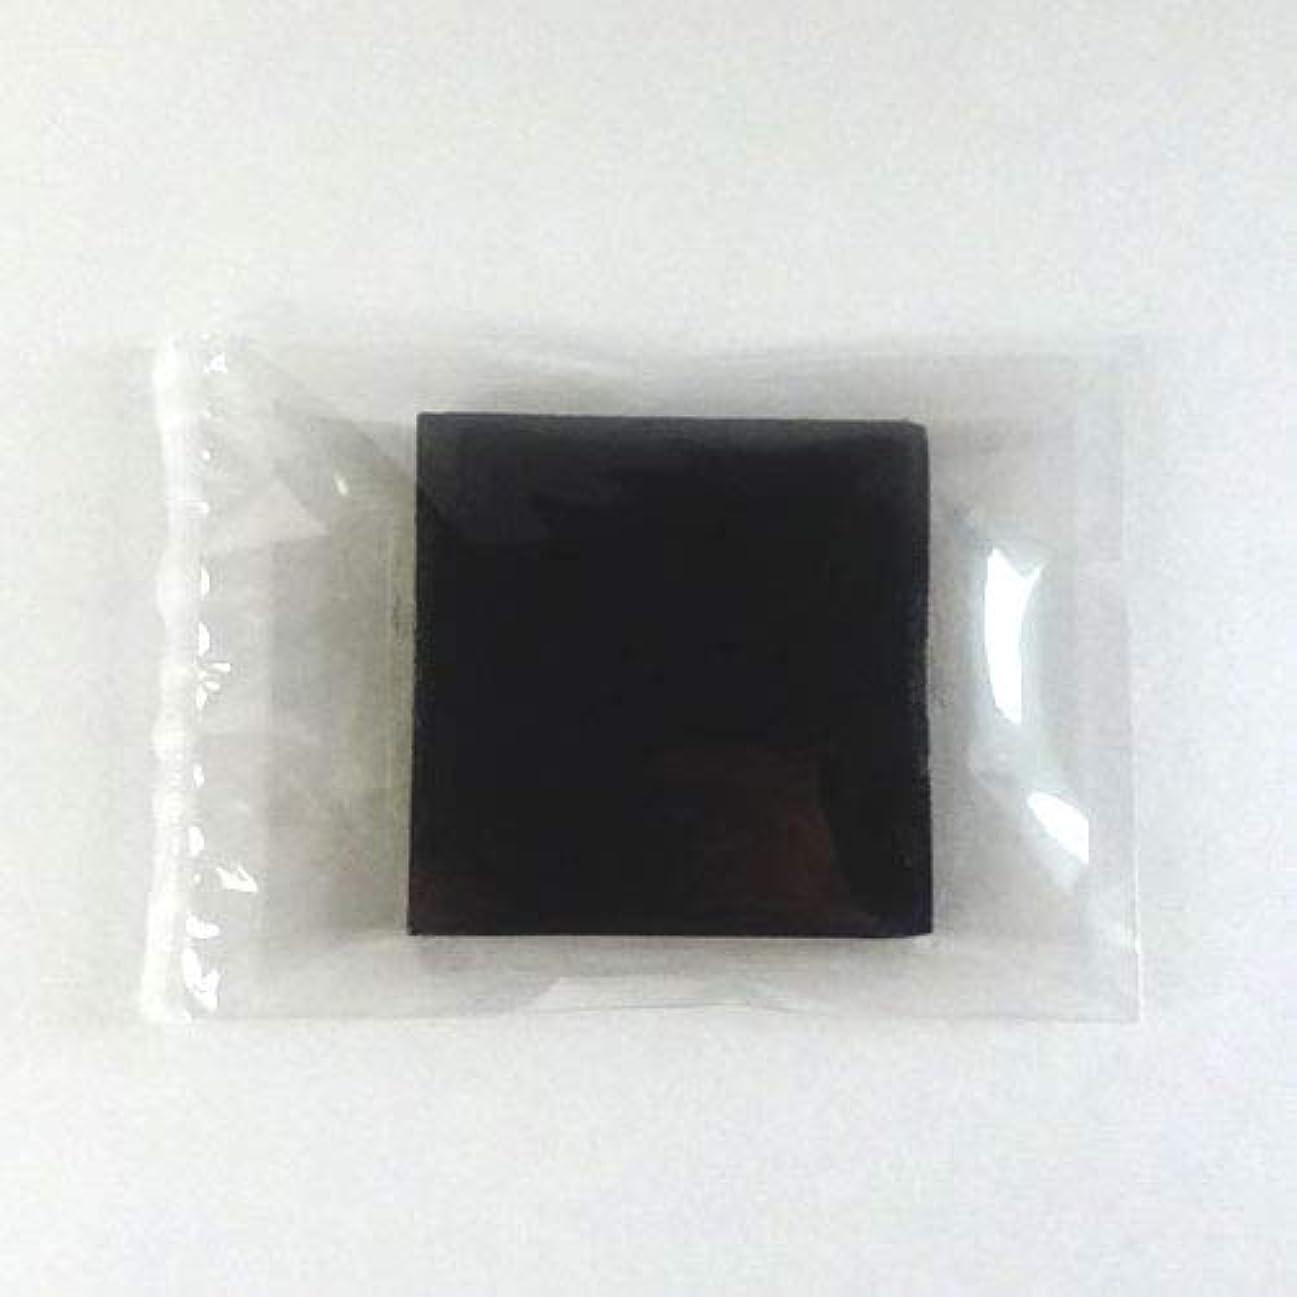 尊厳気質スポーツグリセリンソープ MPソープ 色チップ 黒(ブラック) 120g(30g x 4pc)